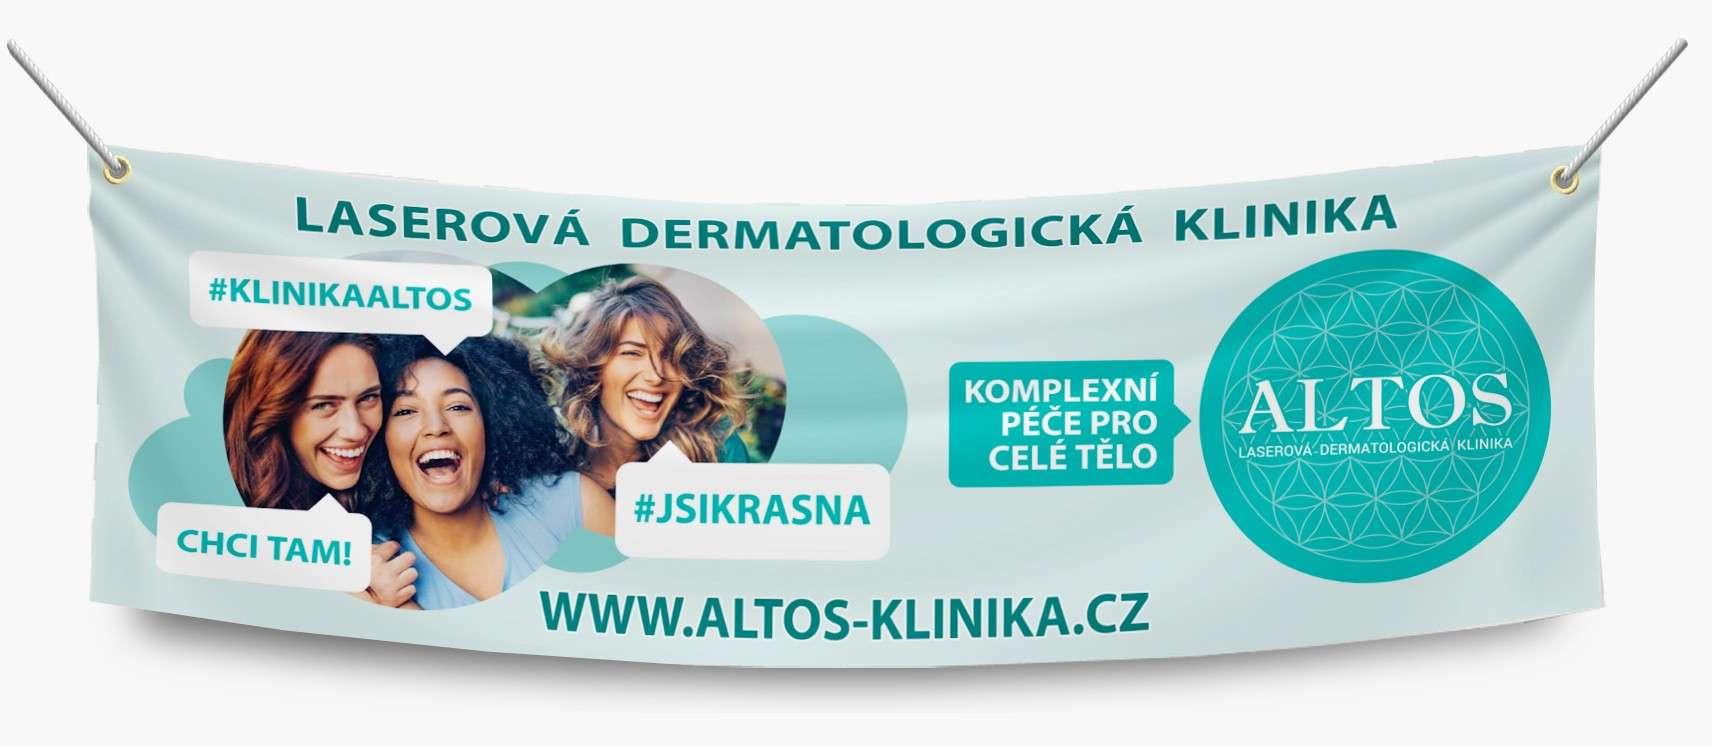 clubadvisor_reference_klinika-altos_branding_navrh_plachta-podoli